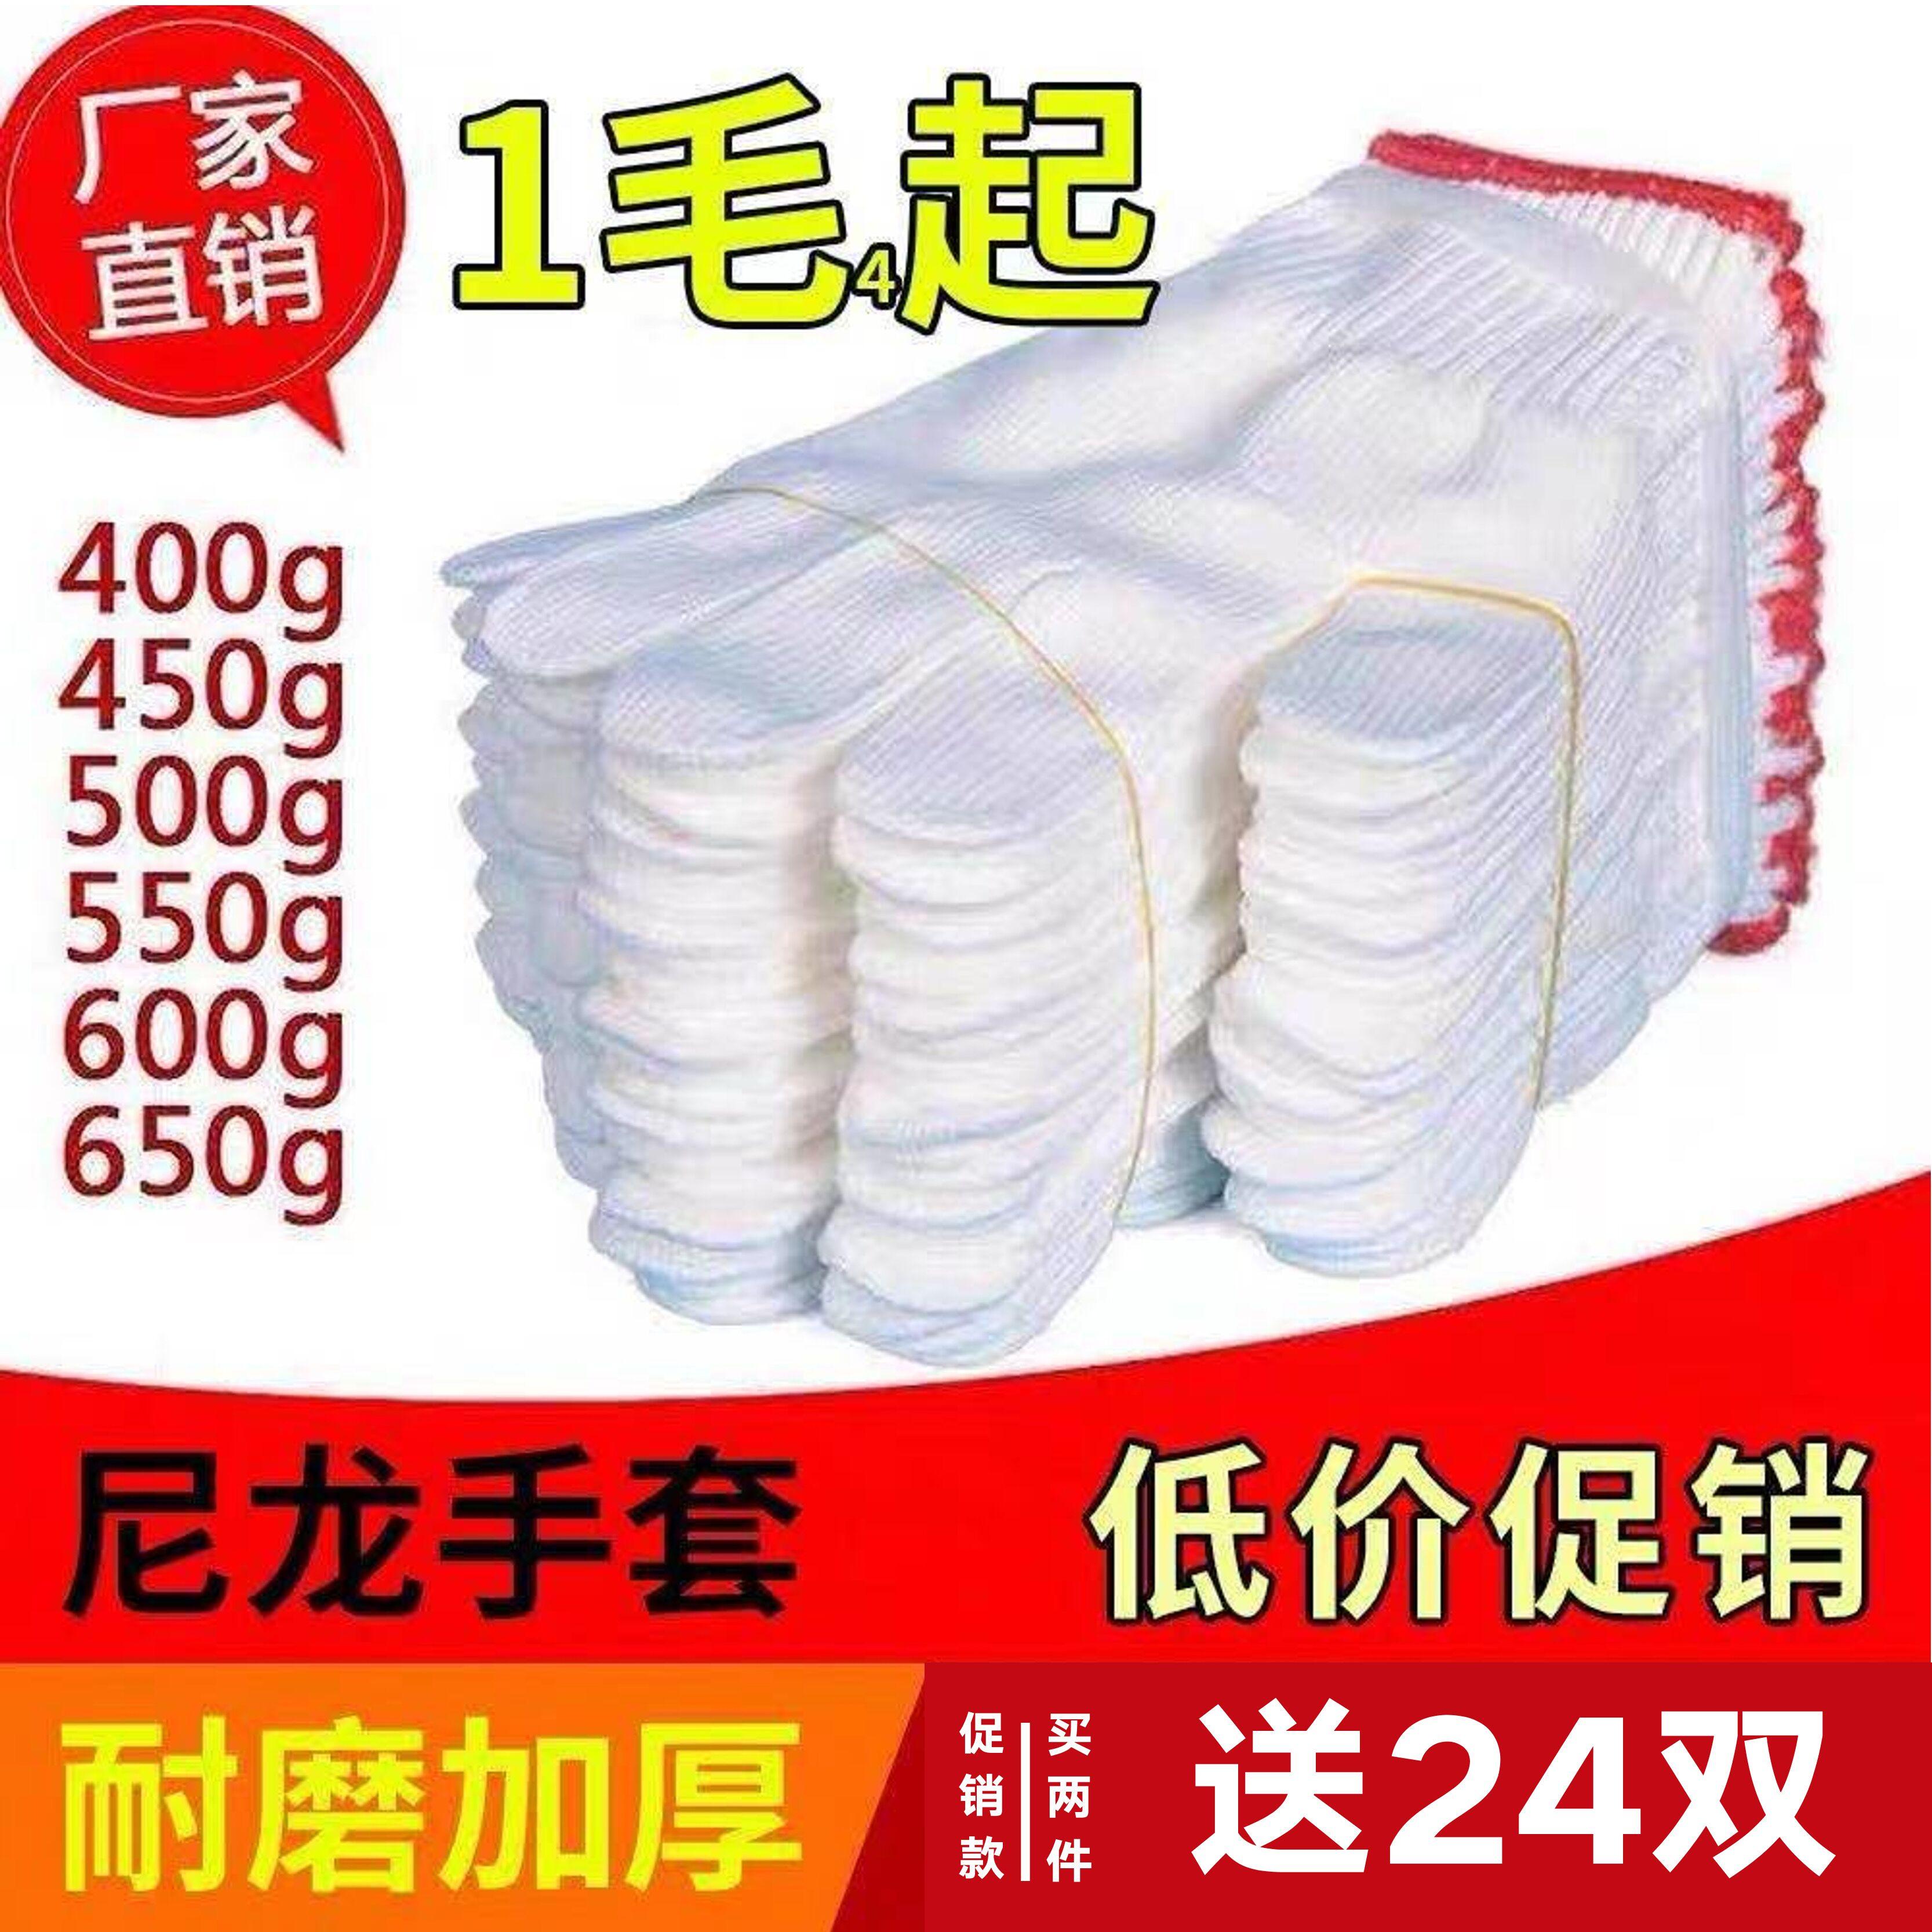 Защитные перчатки для работы Артикул 535702261731